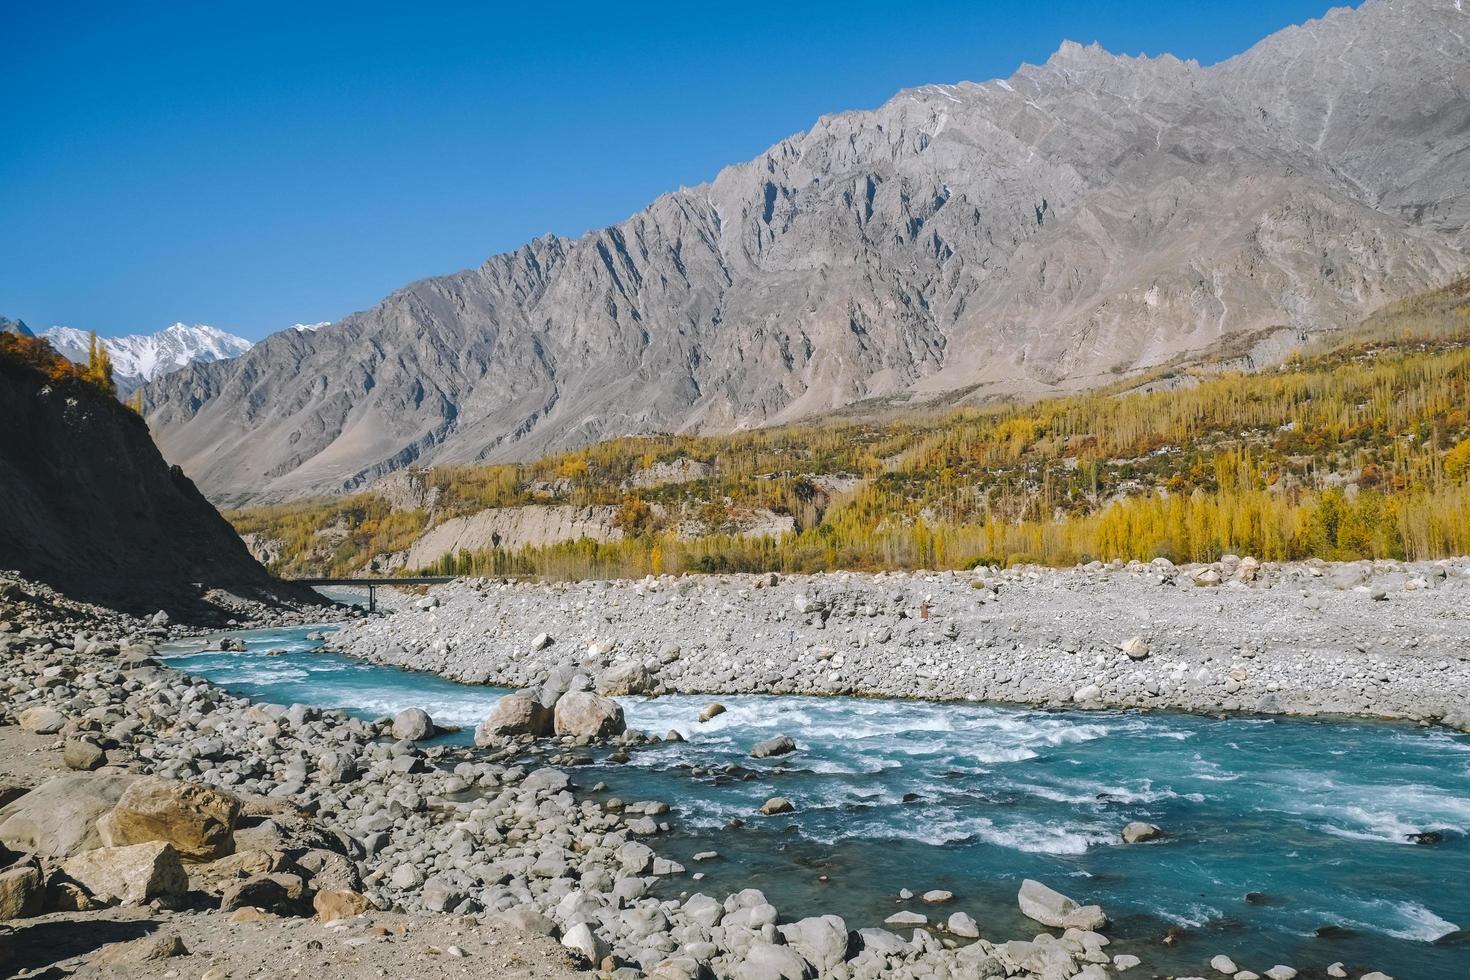 hunza rivier stroomt door karakoram berg in de herfst foto